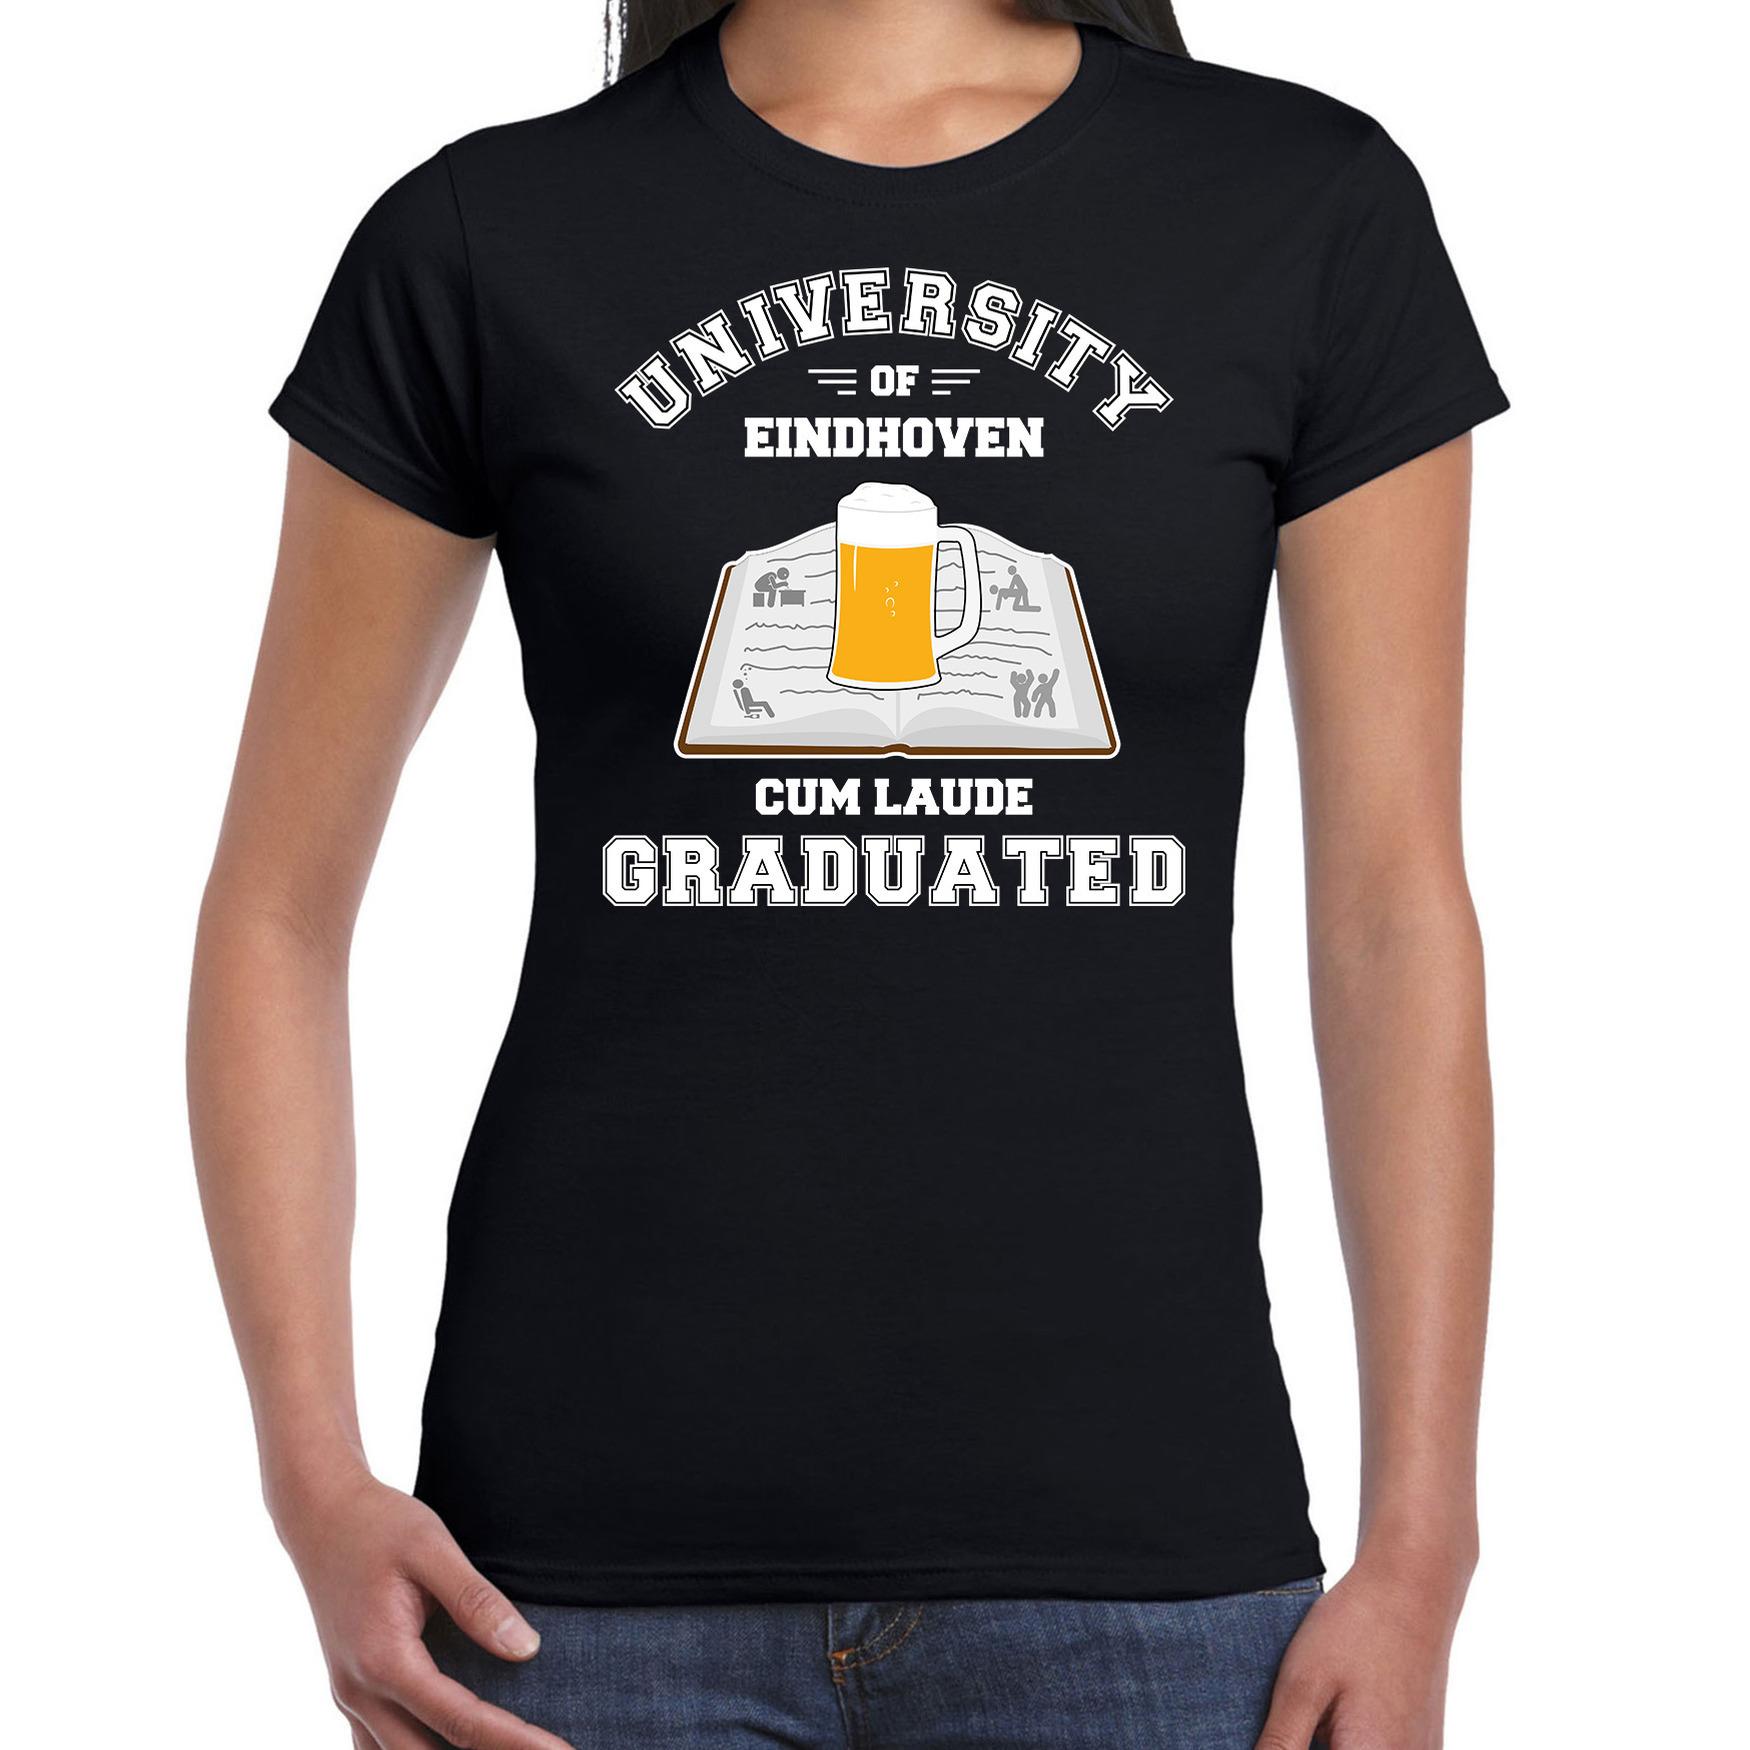 Studenten carnaval shirt zwart university of Eindhoven afgestudeerd voor dames